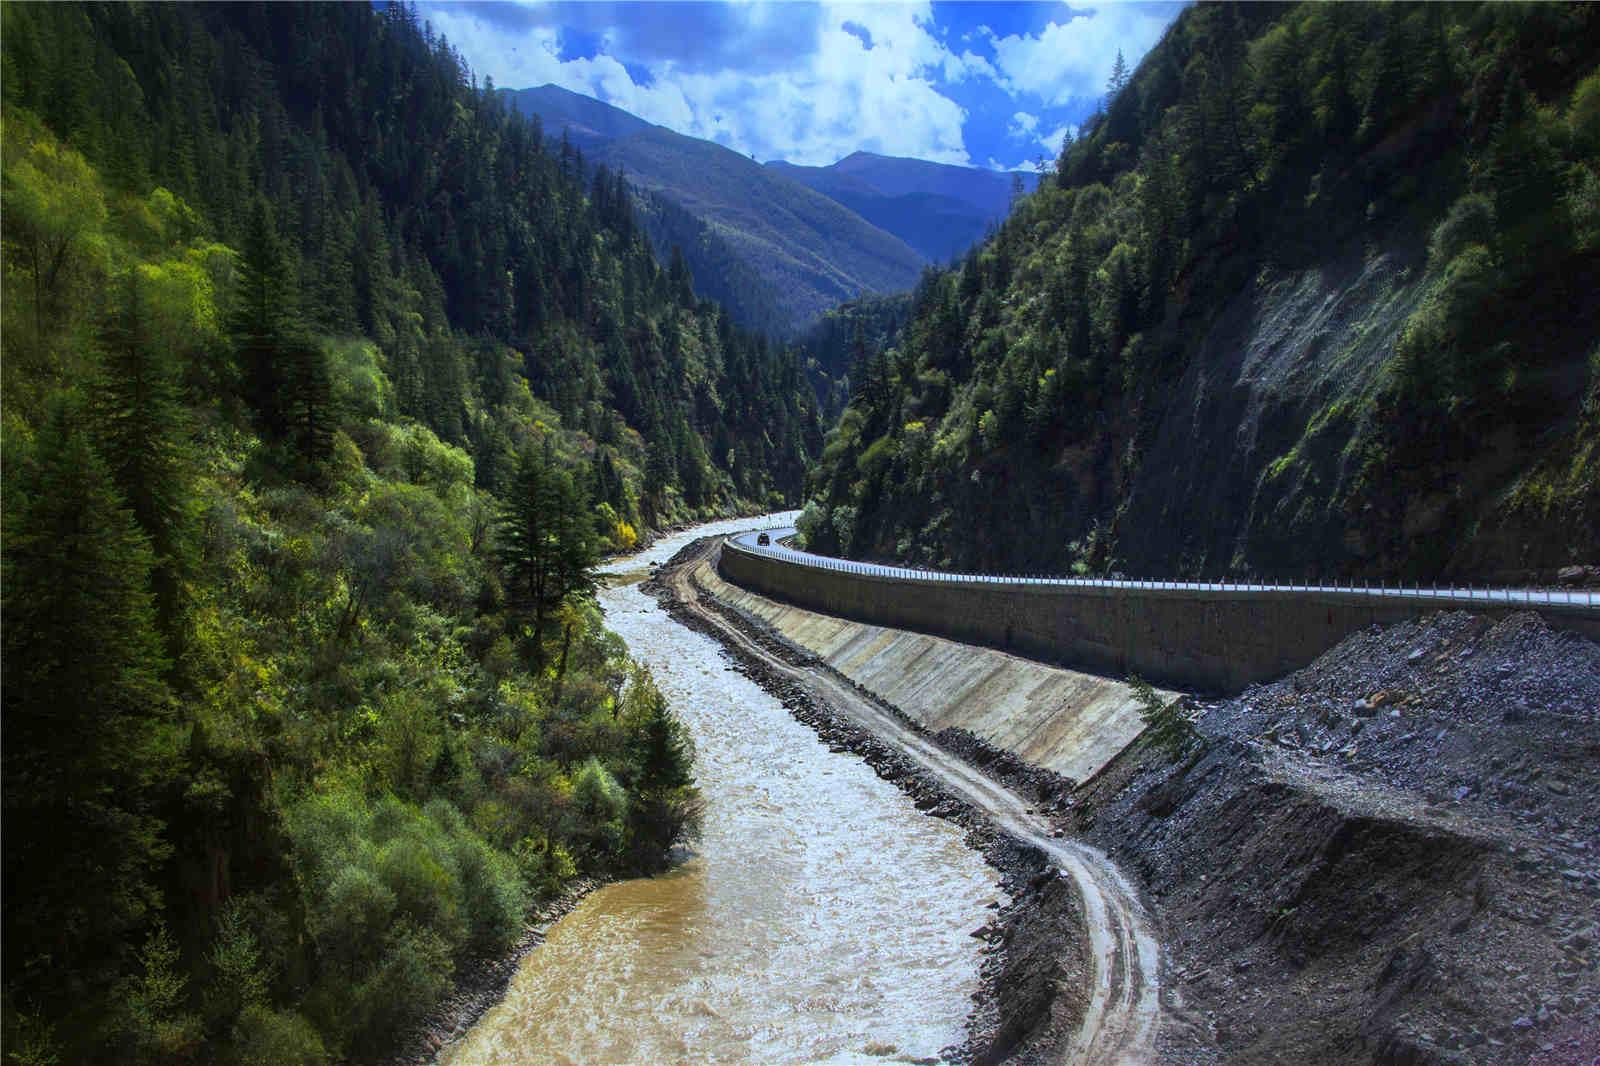 数码摄影论坛作品专区 69 自然风景 69 长篇百期随续: 行驾山河